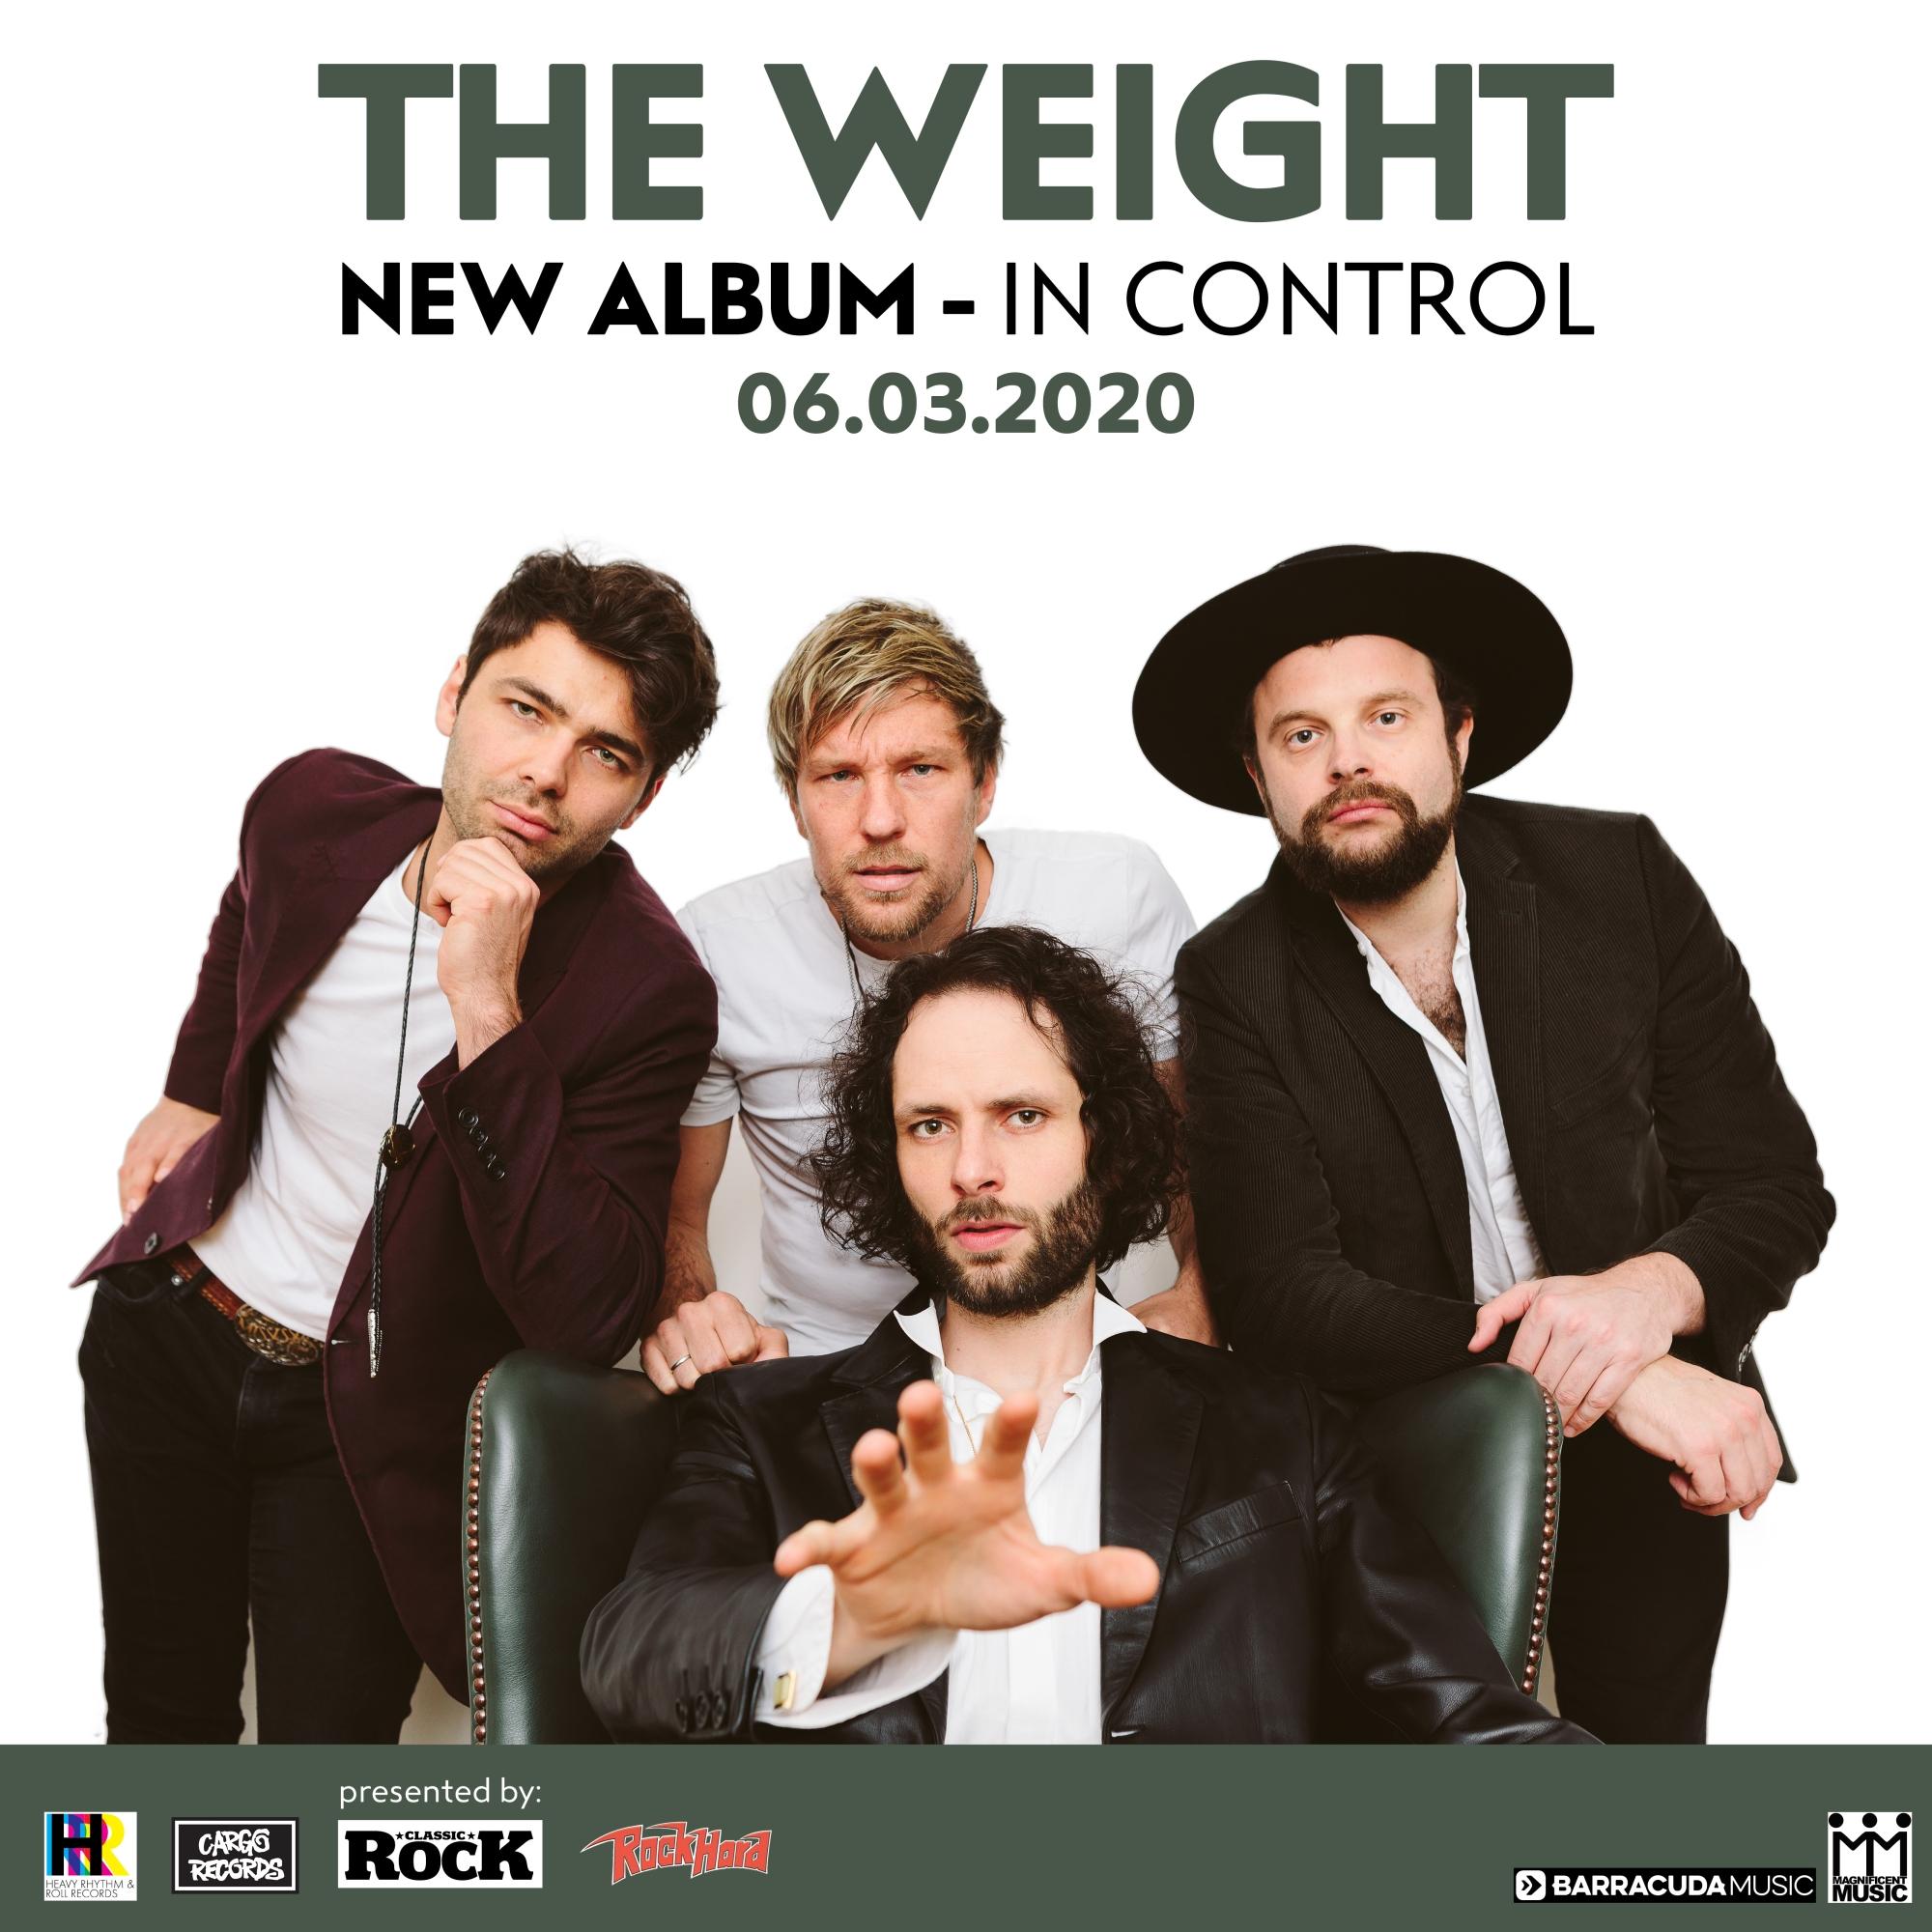 THE WEIGHT - 18.04.2020 - DE Berlin, Kiste